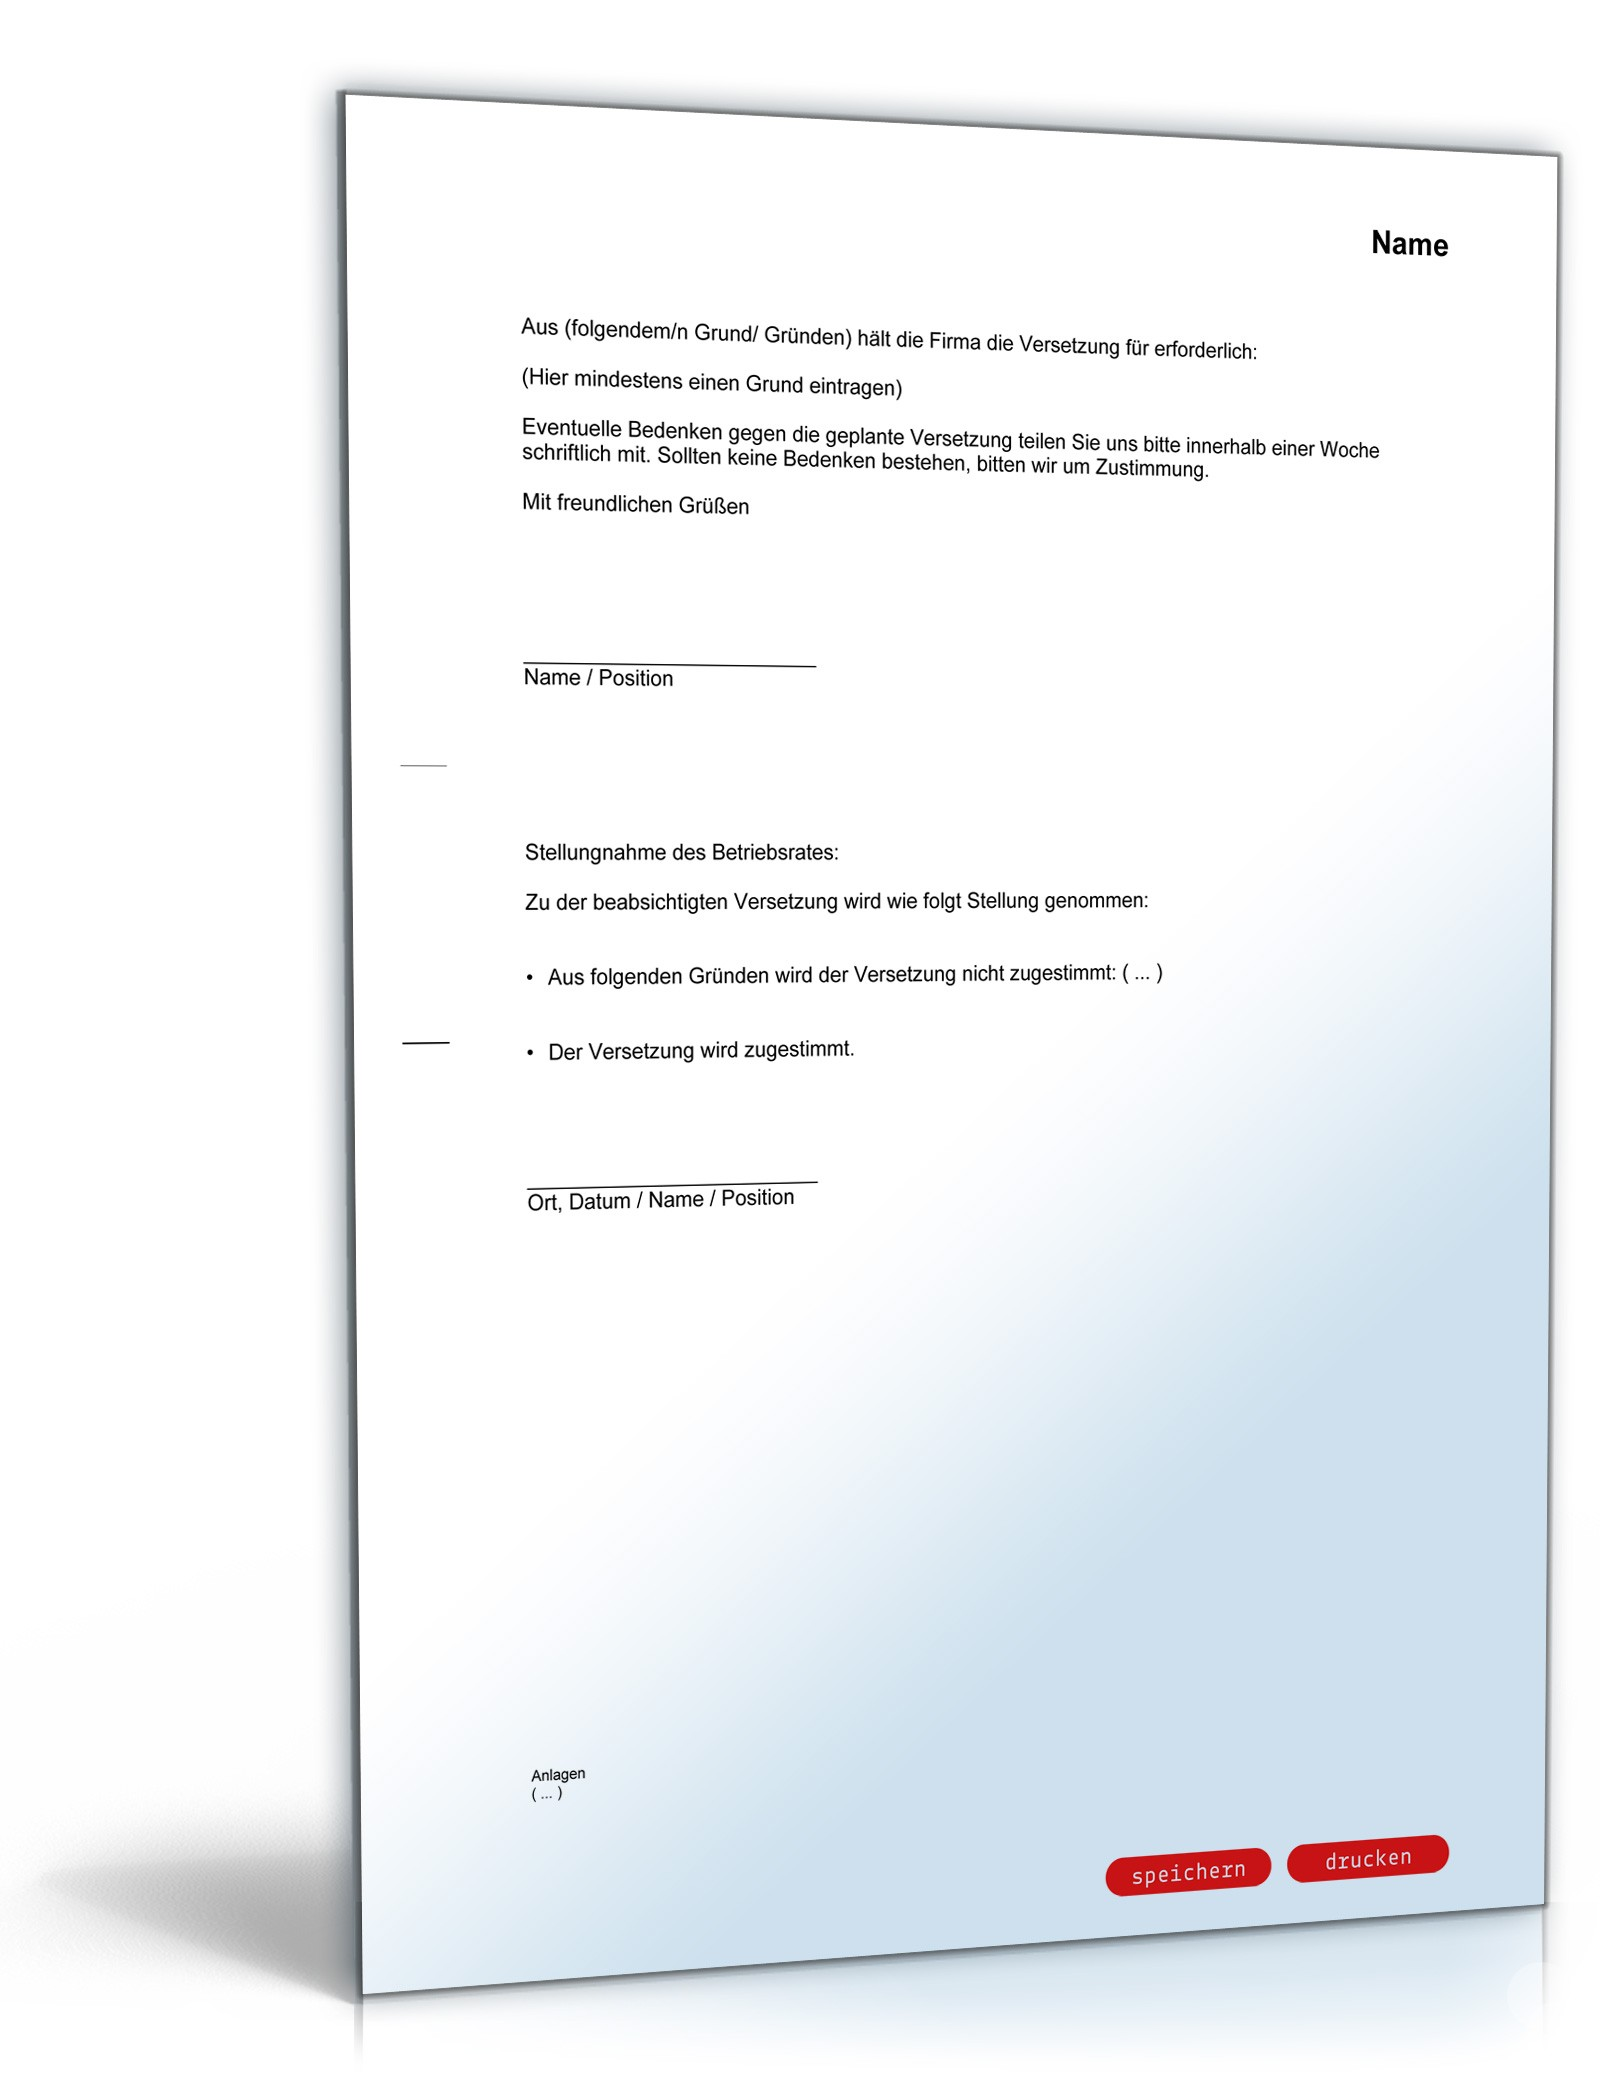 Benachrichtigung Versetzung Mitarbeiter Muster Zum Download